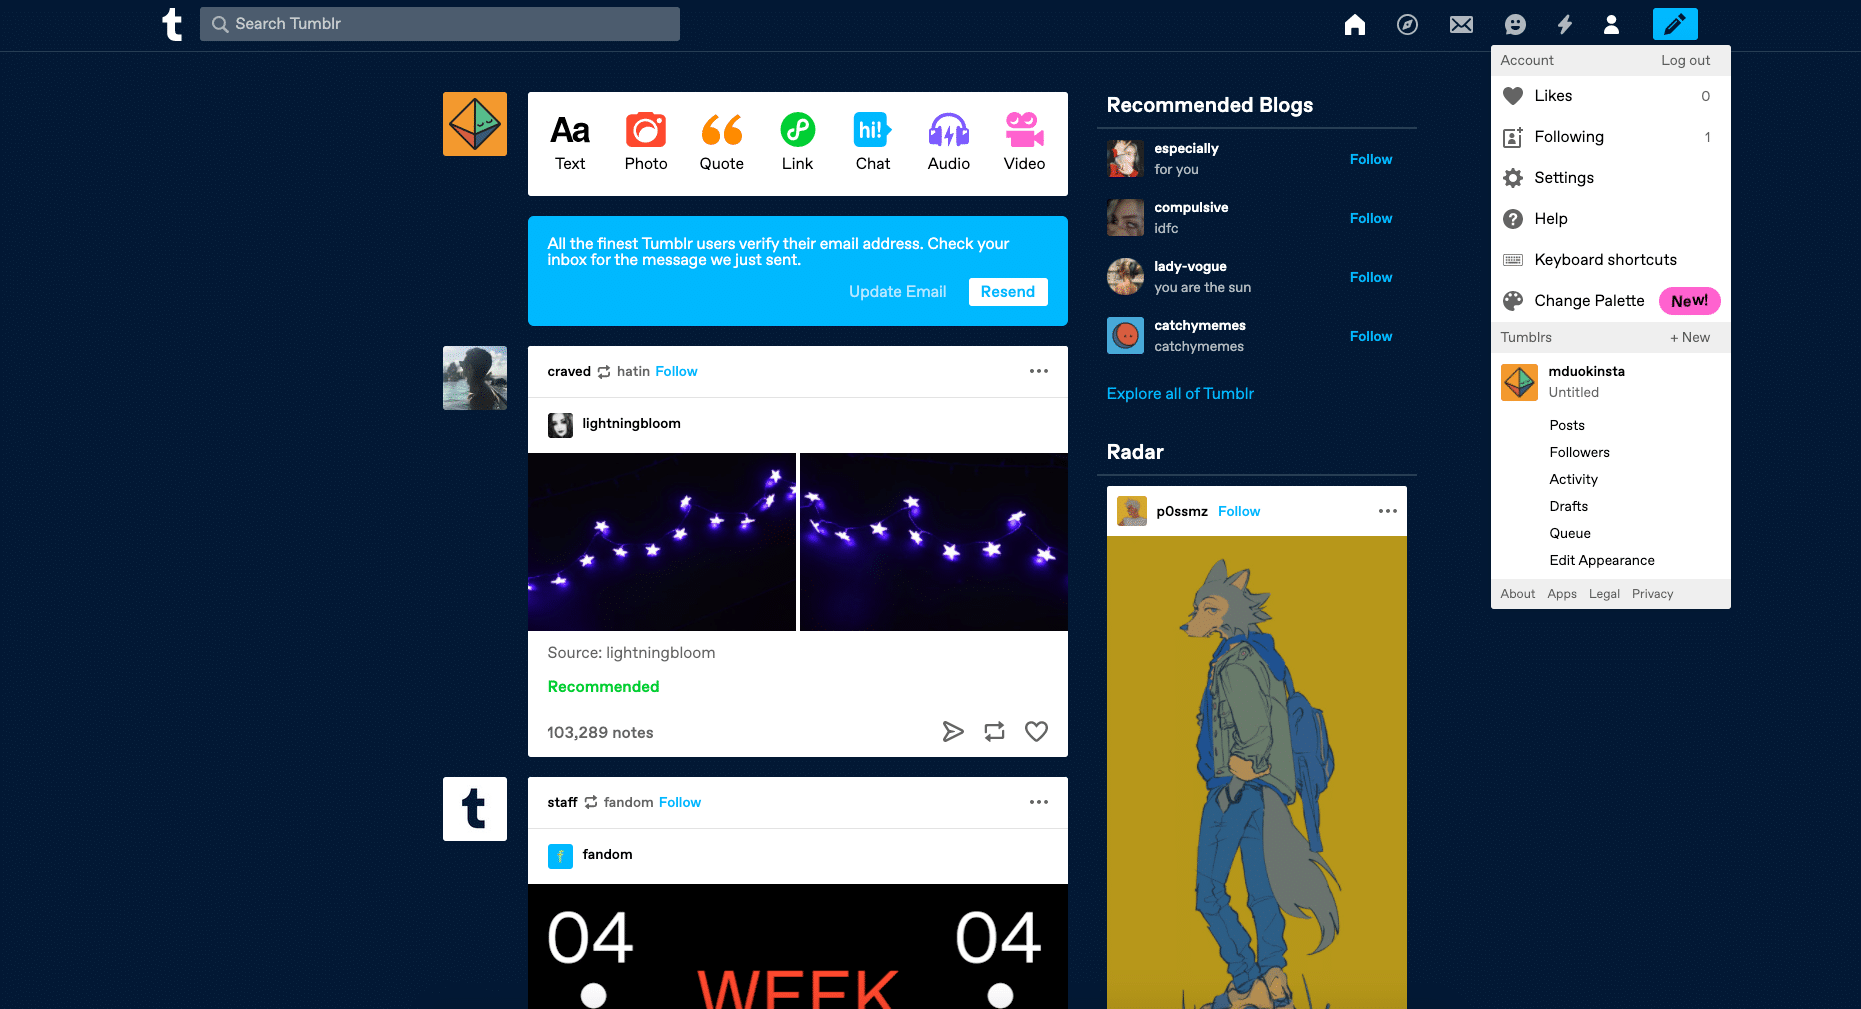 El tablero de mandos de Tumblr